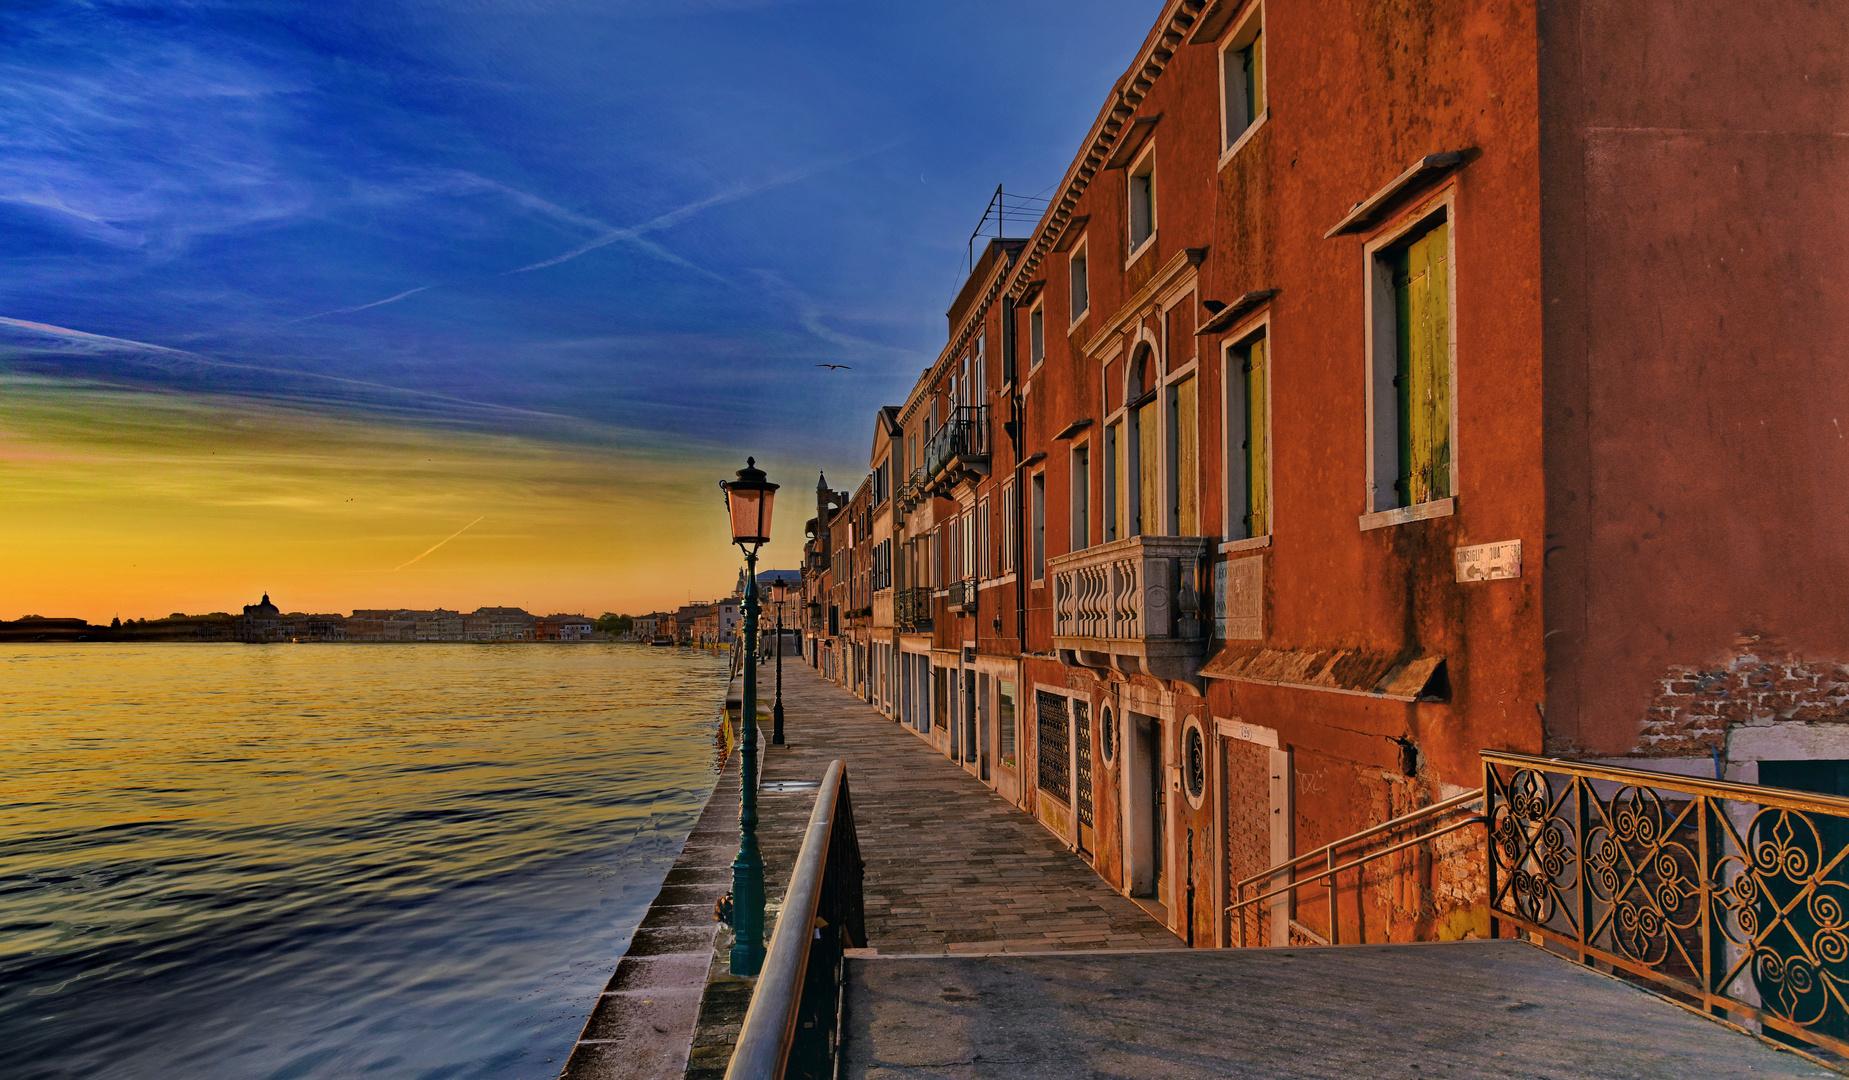 Sonnenaufgang in Giudecca, Venetien, Italien